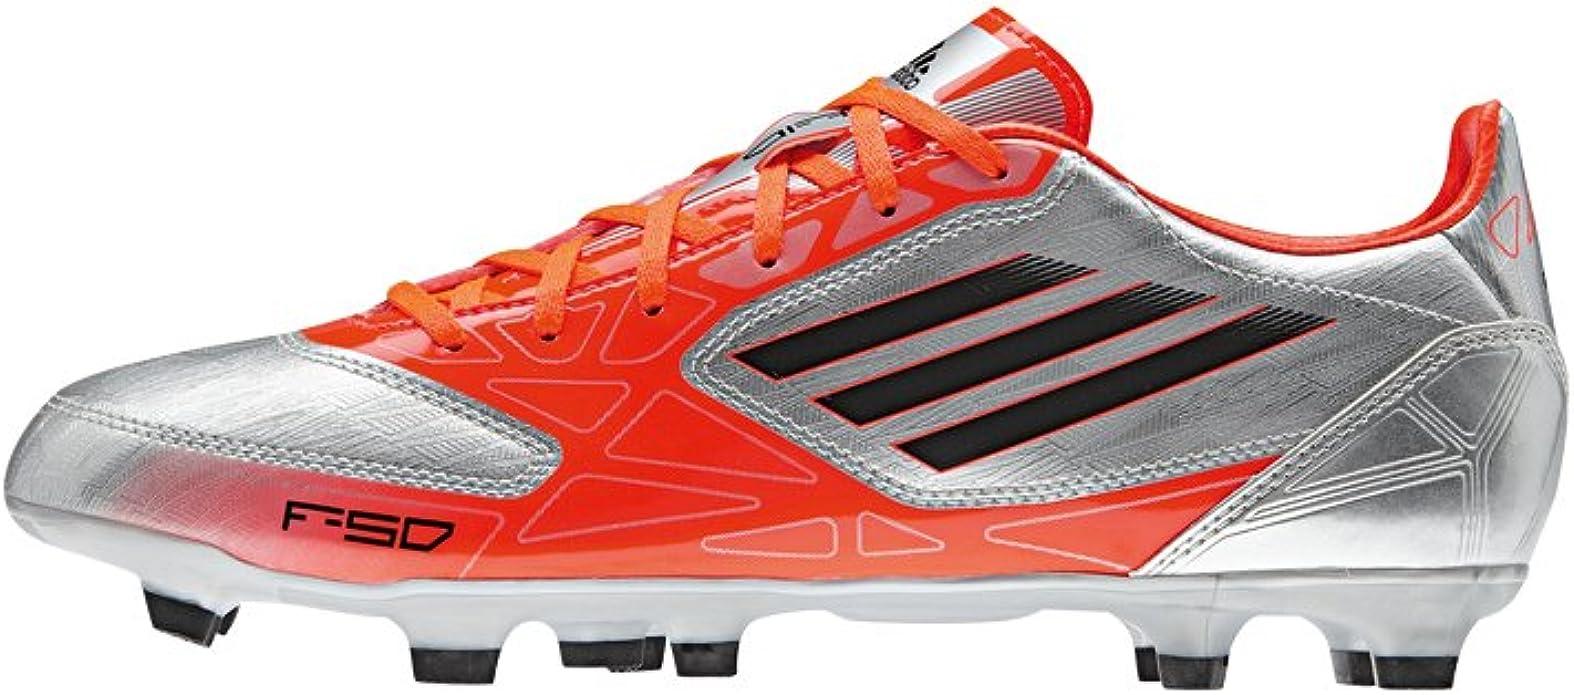 Adidas F10 TRX FG V21312 - Fútbol para hombre: Amazon.es: Zapatos y complementos